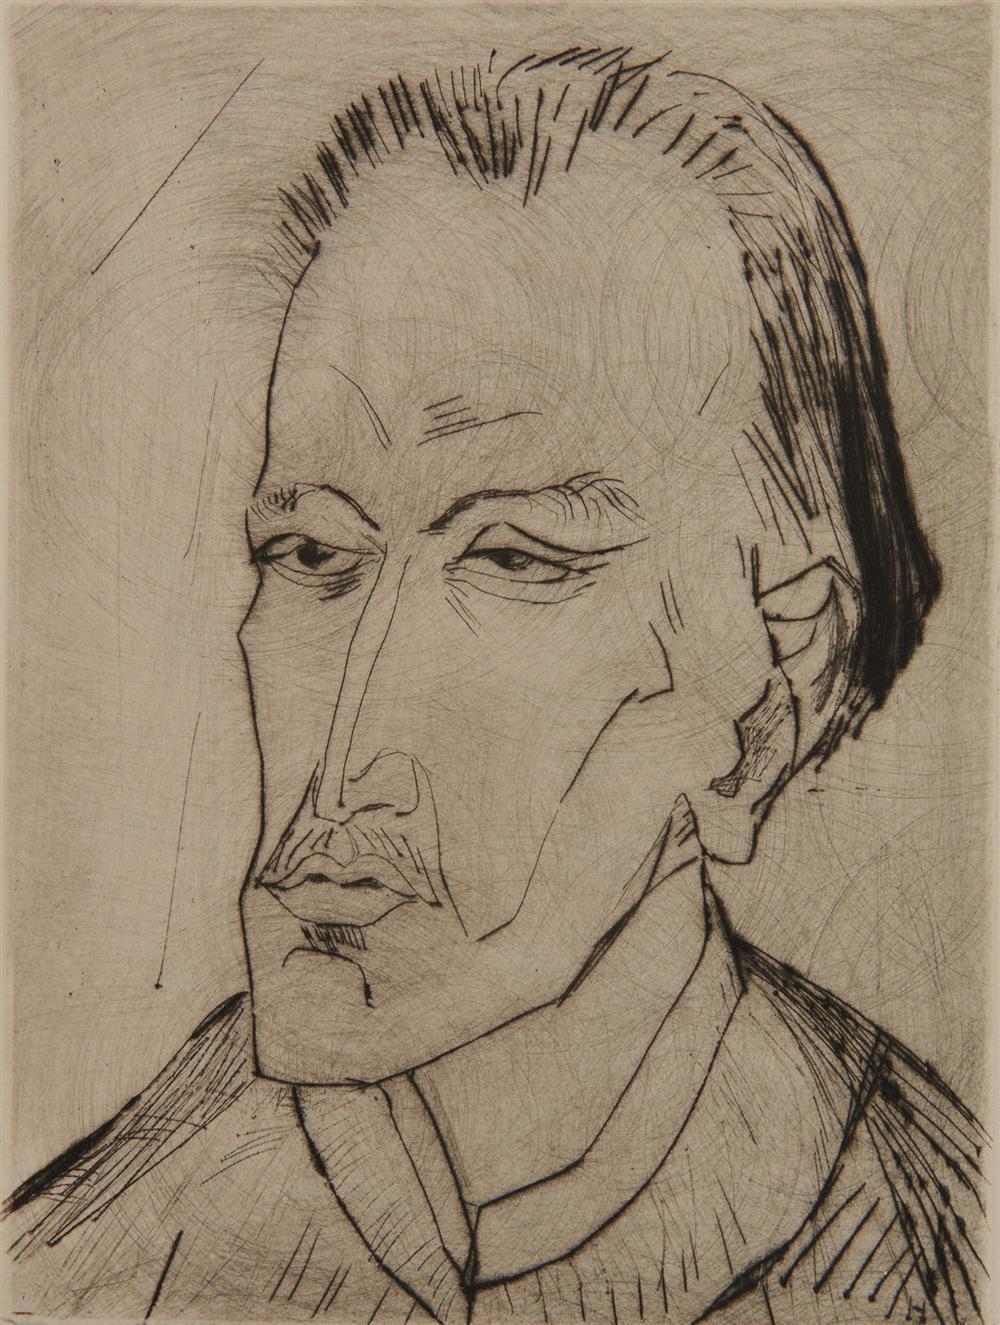 ERICH HECKEL, (German, 1883-1970), Bildnis M.H., 1914, drypoint, 9 3/8 x 7 in.